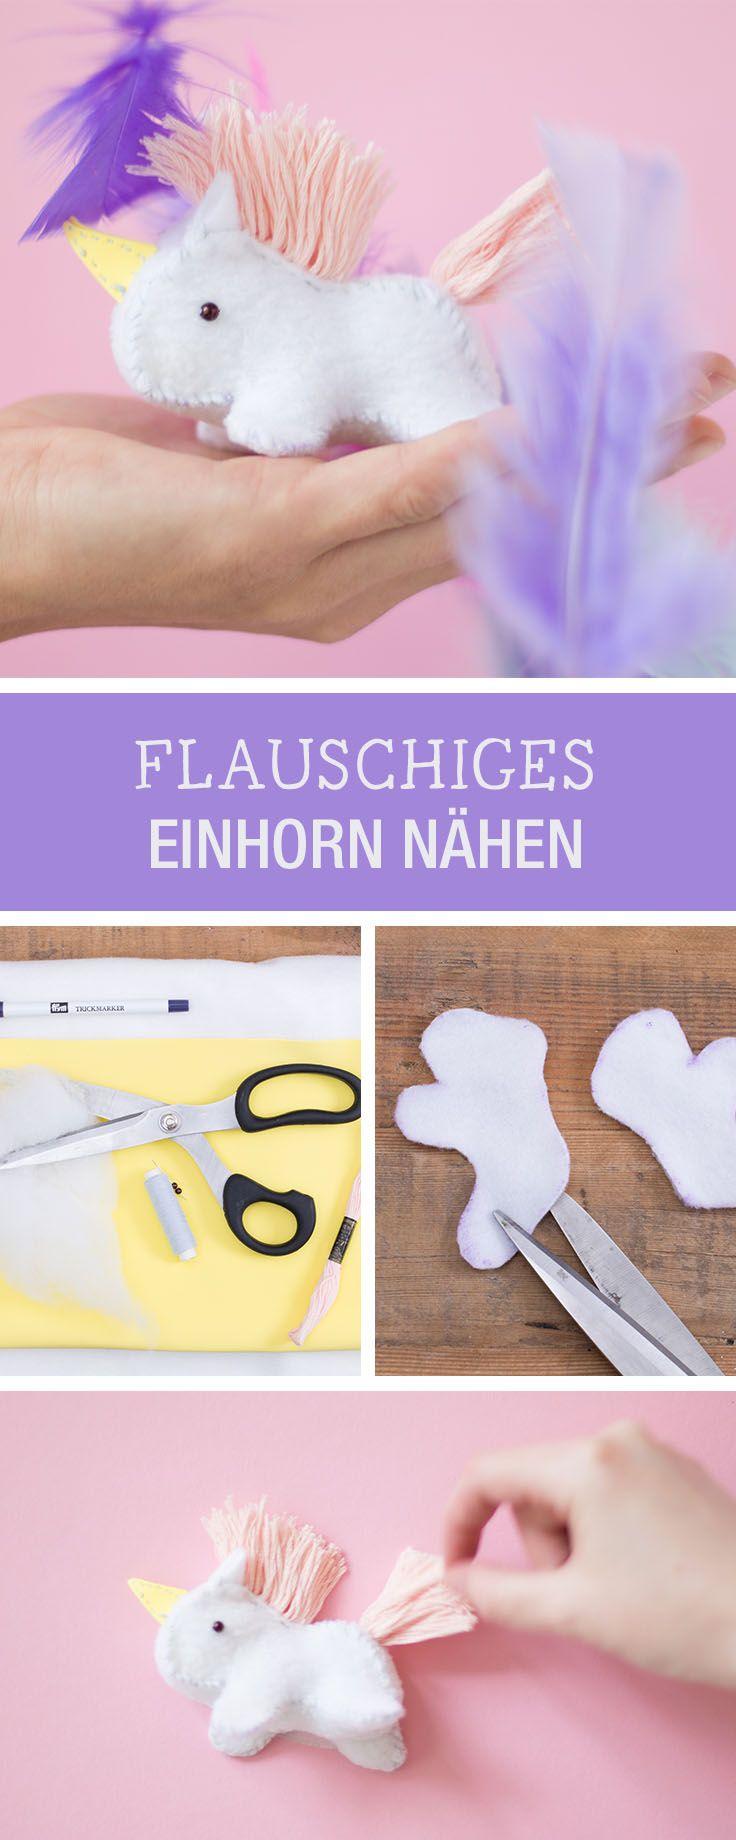 DIY-Anleitung: Magisches Einhorn als flauschigen Anhänger nähen / DIY tutorial: sewing magical unicorn as fluffy pendant via DaWanda.com Mehr